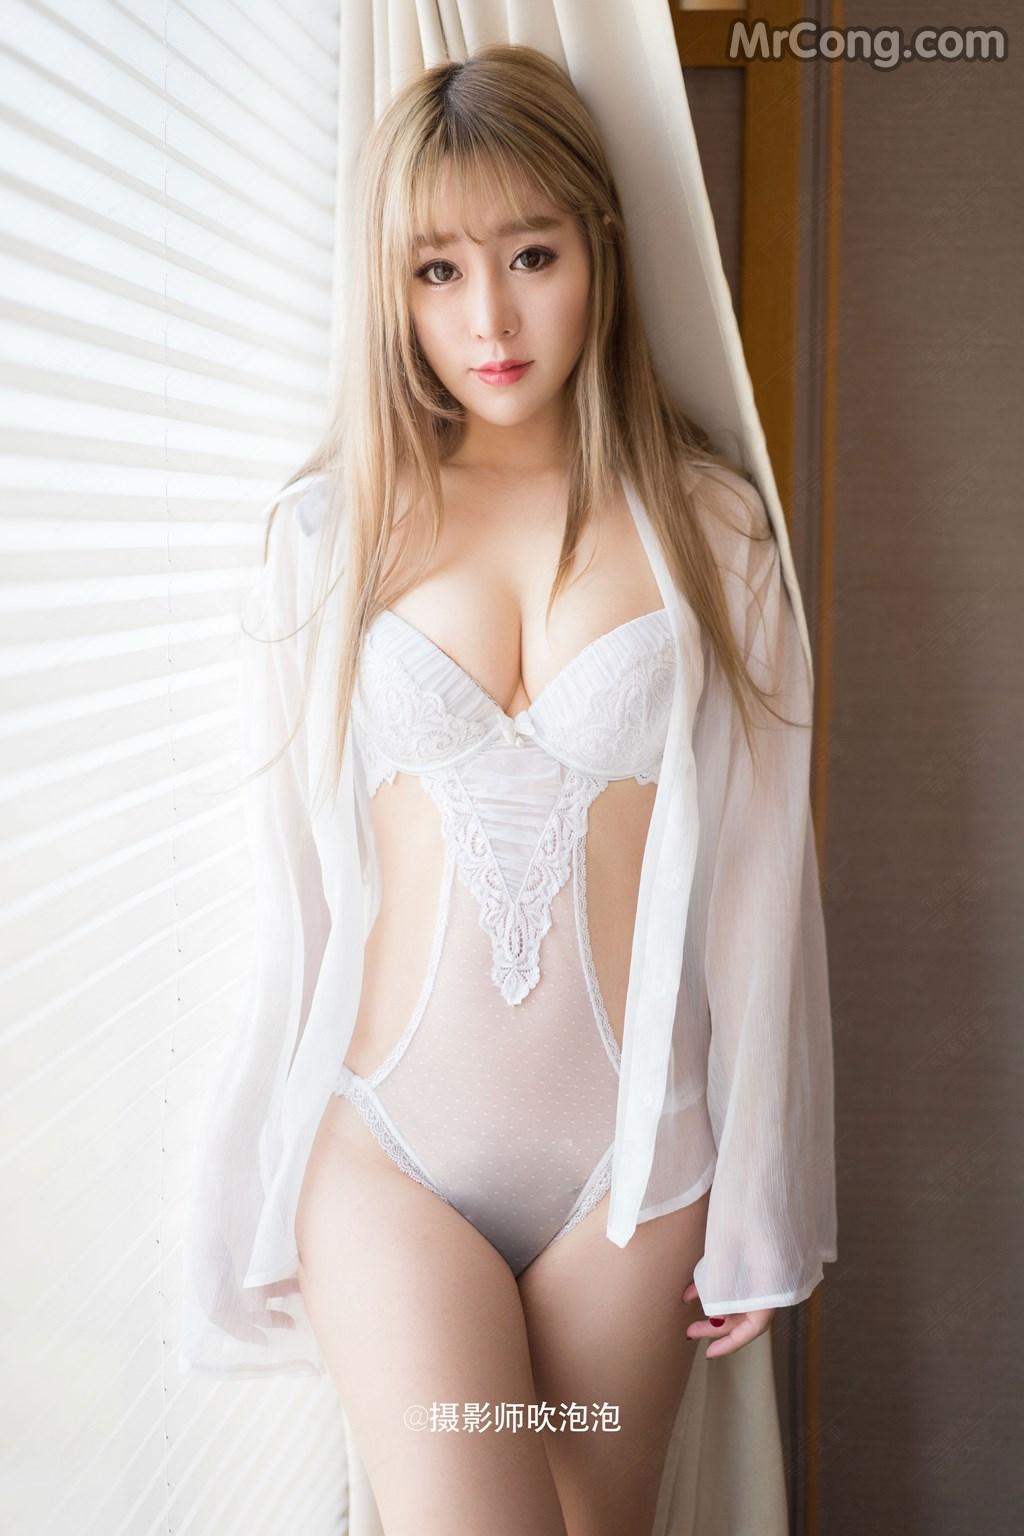 Người đẹp Wang Yu Chun (王雨纯) lả lơi khoe dáng siêu sexy trong phòng ngủ (44 ảnh)